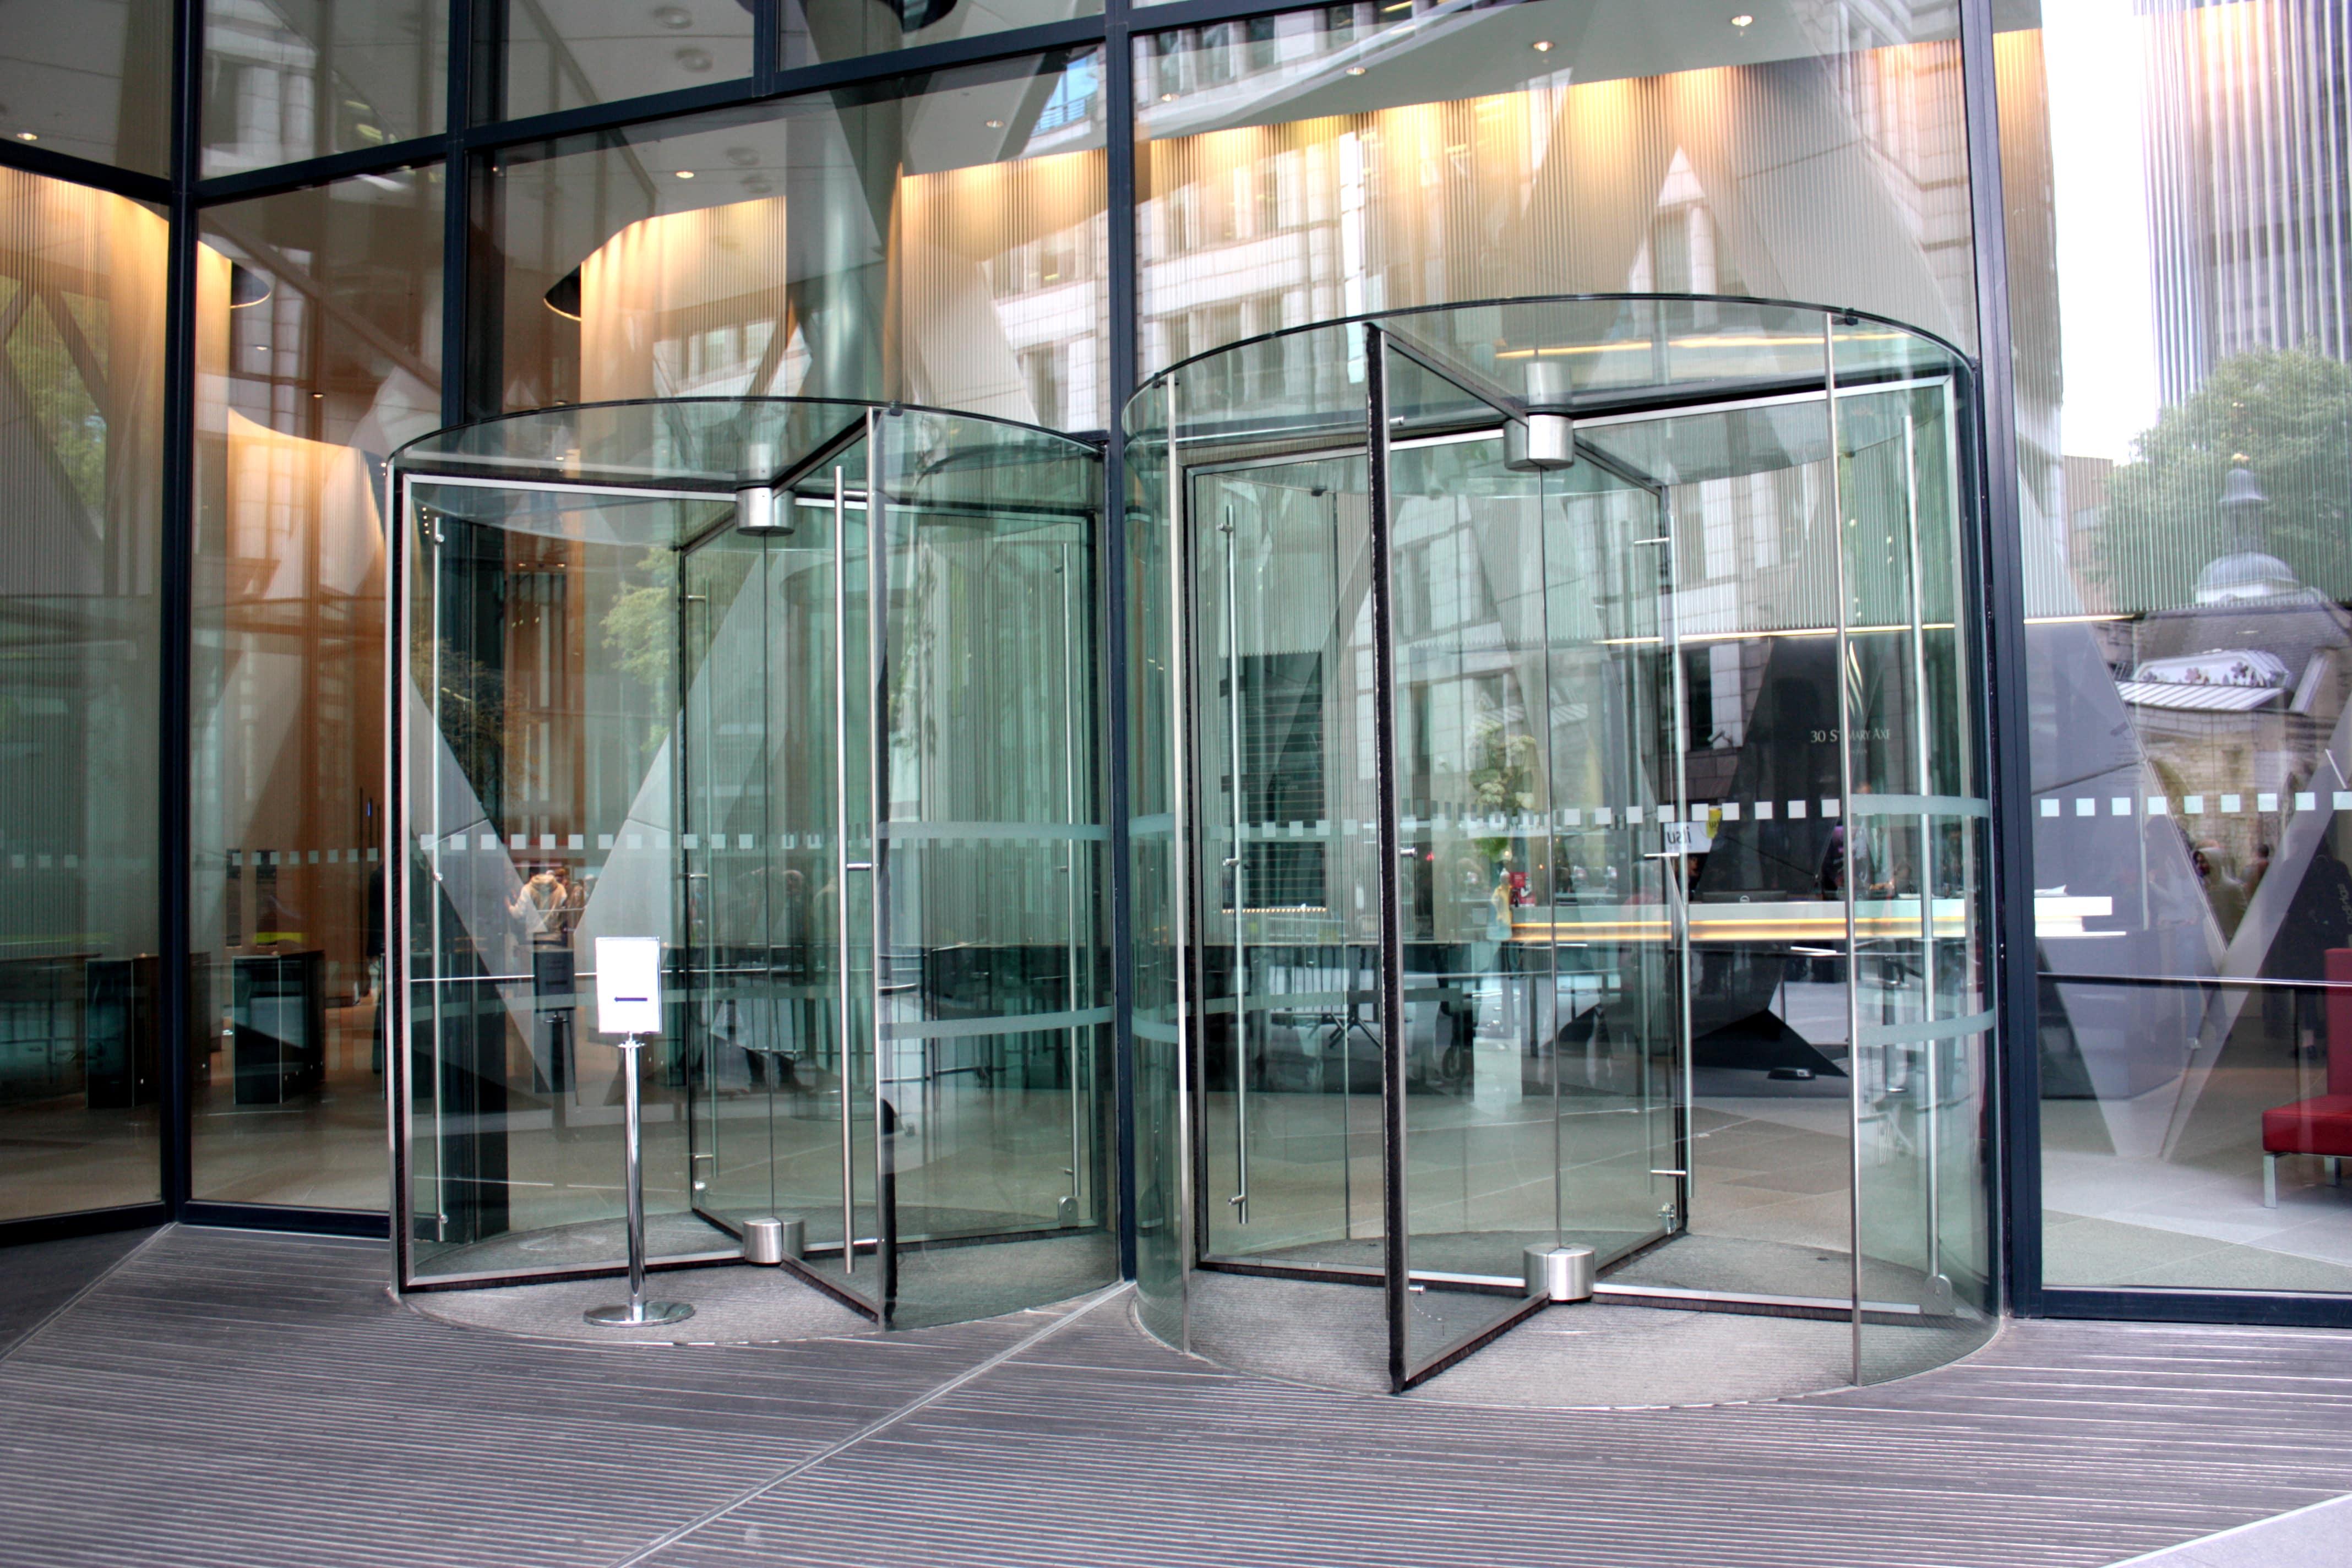 revobling-doors-iapbuilding-solutions